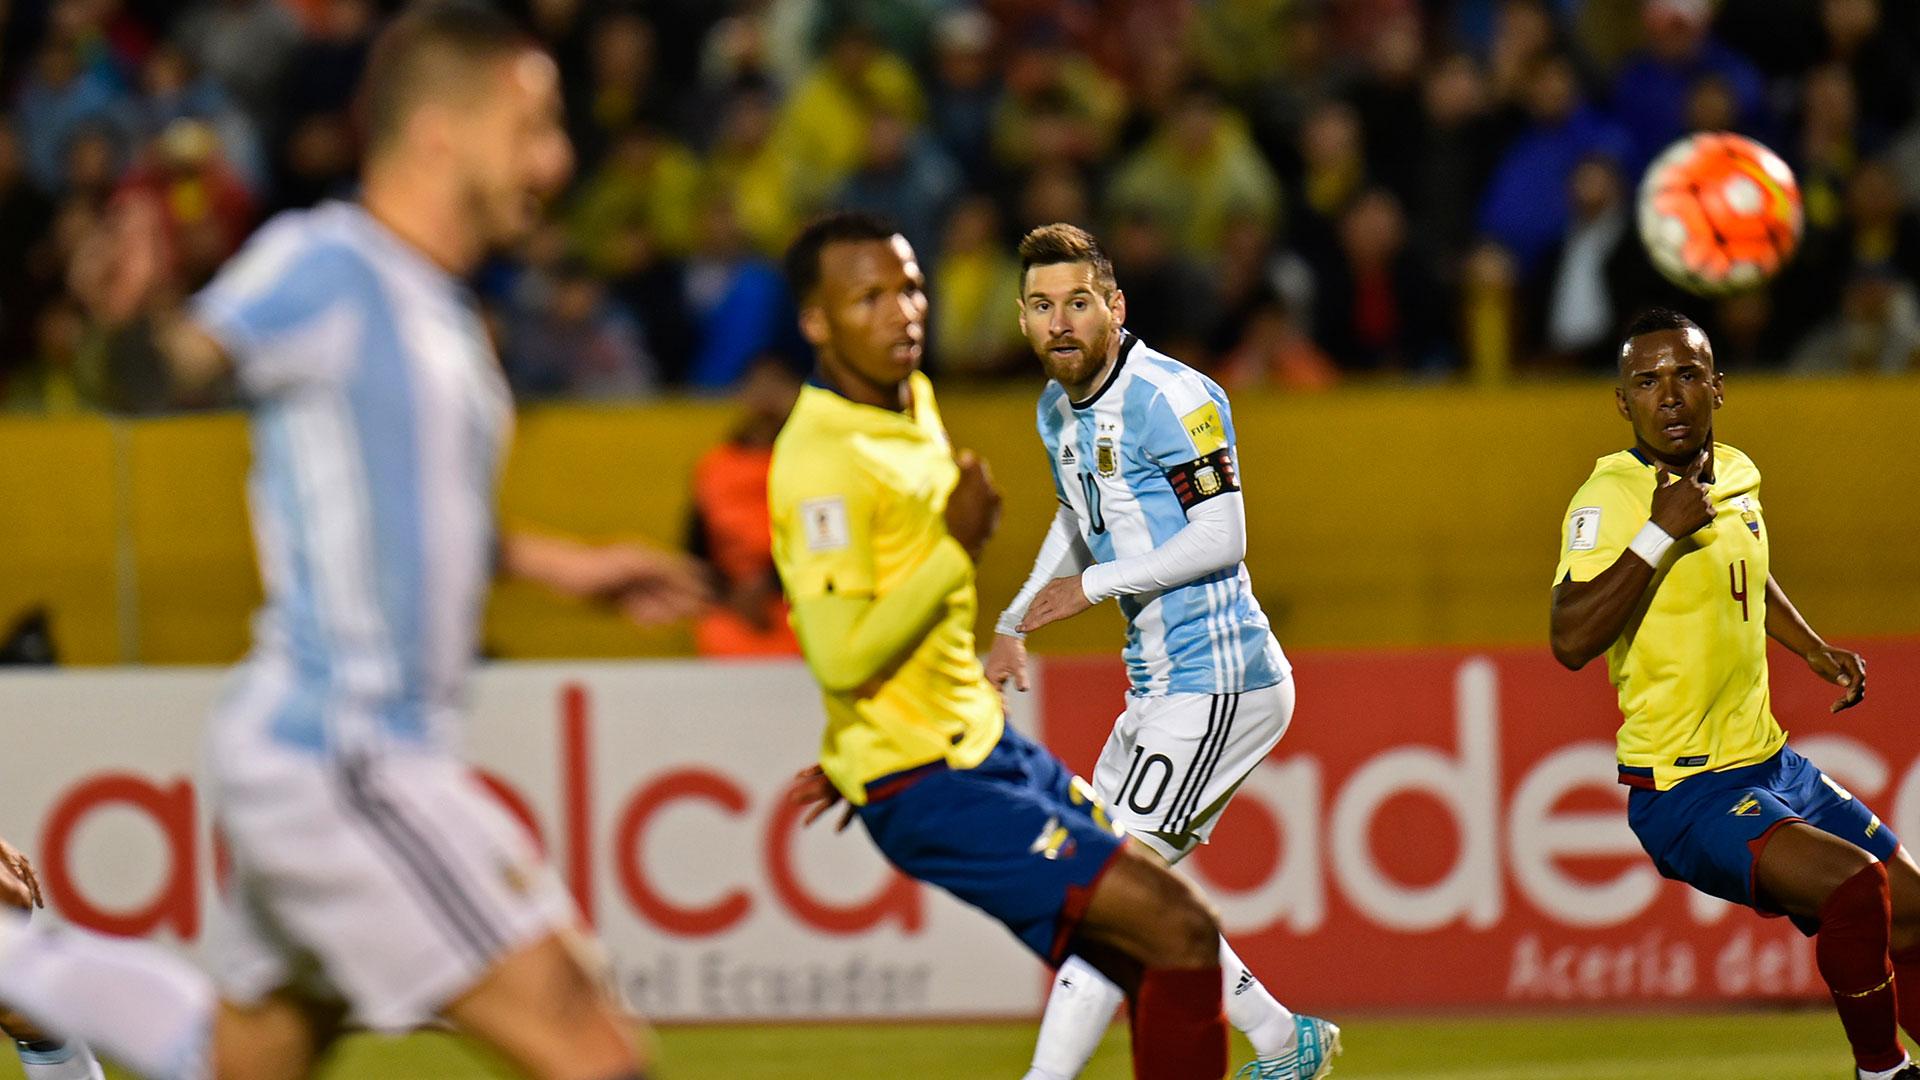 Si bien el toque del ex Rosario Central no fue limpio, la Pulga guapeó, encaró, deslizó su magia y convirtió el 2 a 1